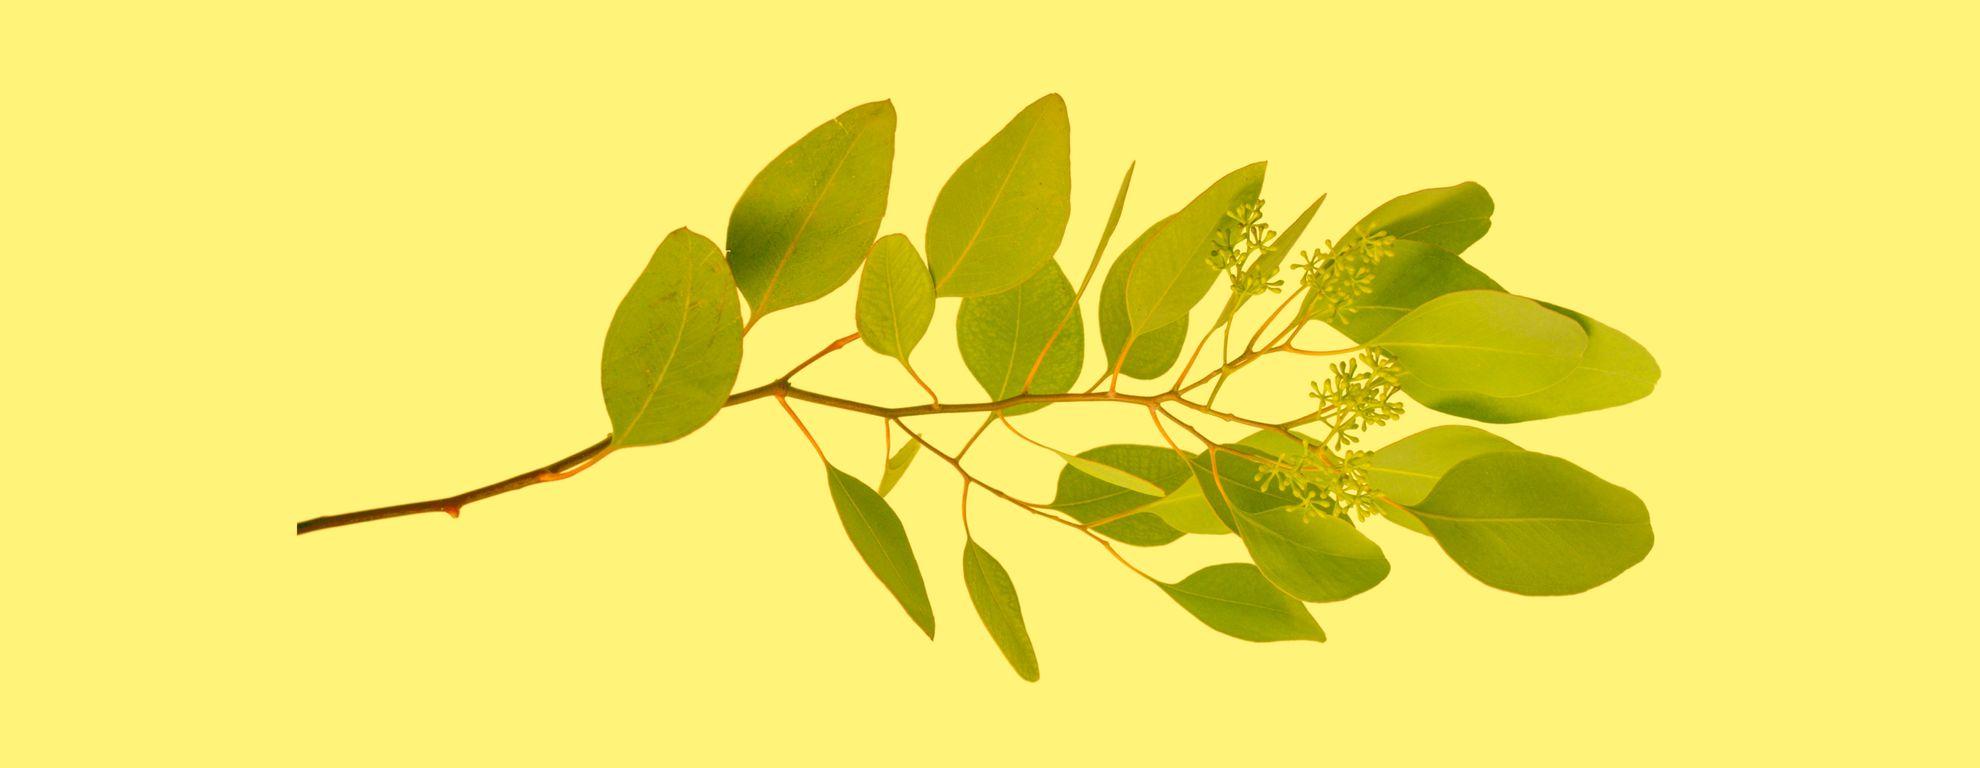 Hoja sen: propiedades y beneficios para la salud - Featured image